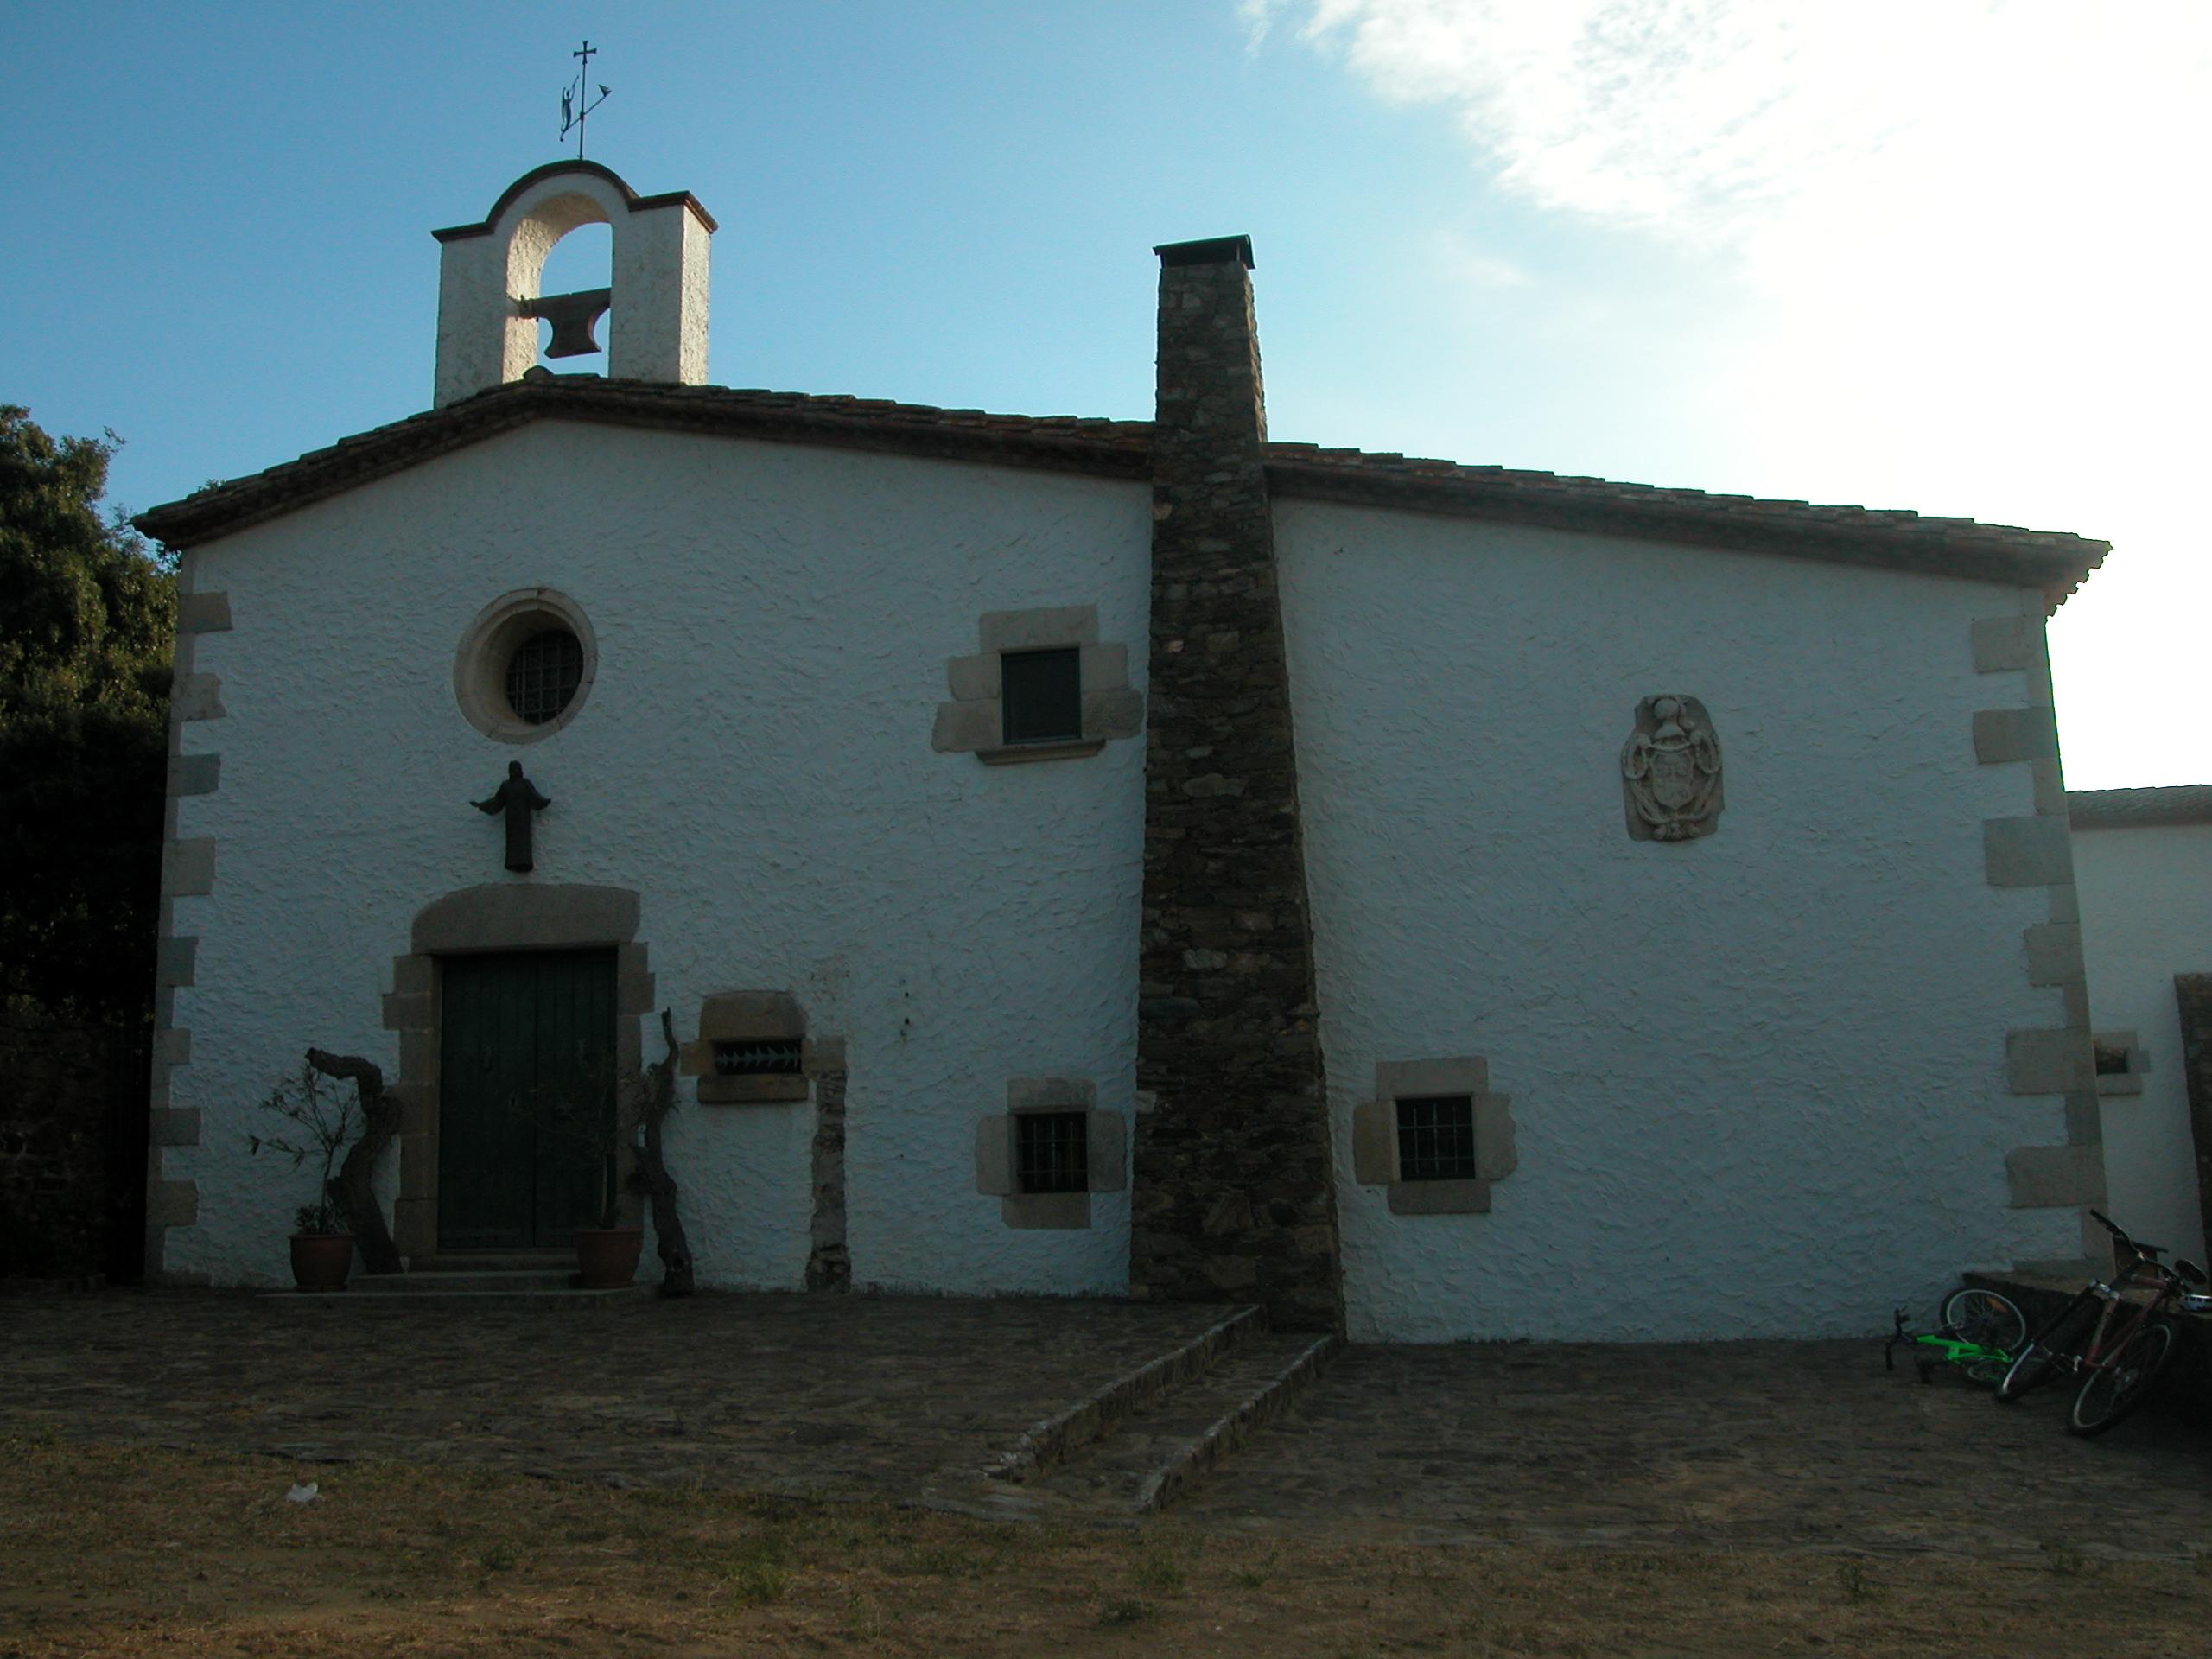 Santa Maria de Bell-lloc consta d'una façana encalada on hi destaquen les obertures. La porta, quatre finestres i el rosetó adovellats. A sobre la taulada i destaca el campanar i una xemeneia. Això és perquè l'ermita s'hi annexà a la casa de l'ermità. El temple d'una sola nau es va construir pels volts del segle XIII, però al 1758 s'hi fa la restauració que li dóna l'aspecte actual. És un lloc de gran devoció per la gent de Palamós i entorns.